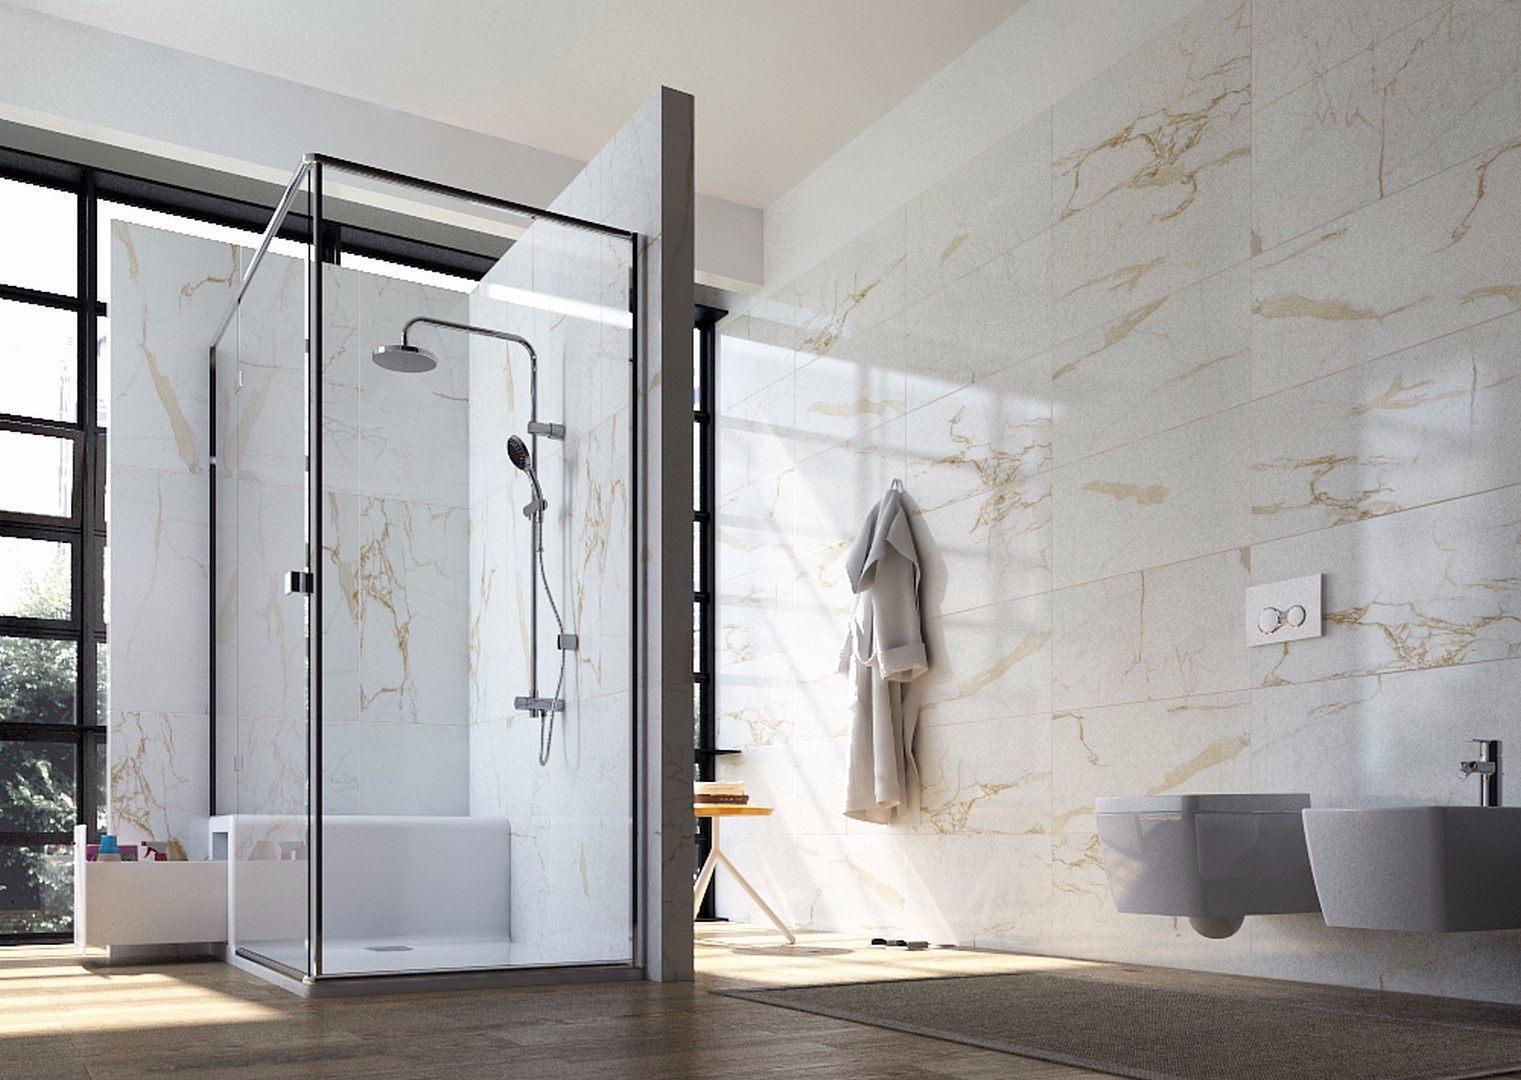 Roomy de vitra confort et s curit concept bain for Vitra aktion 2016